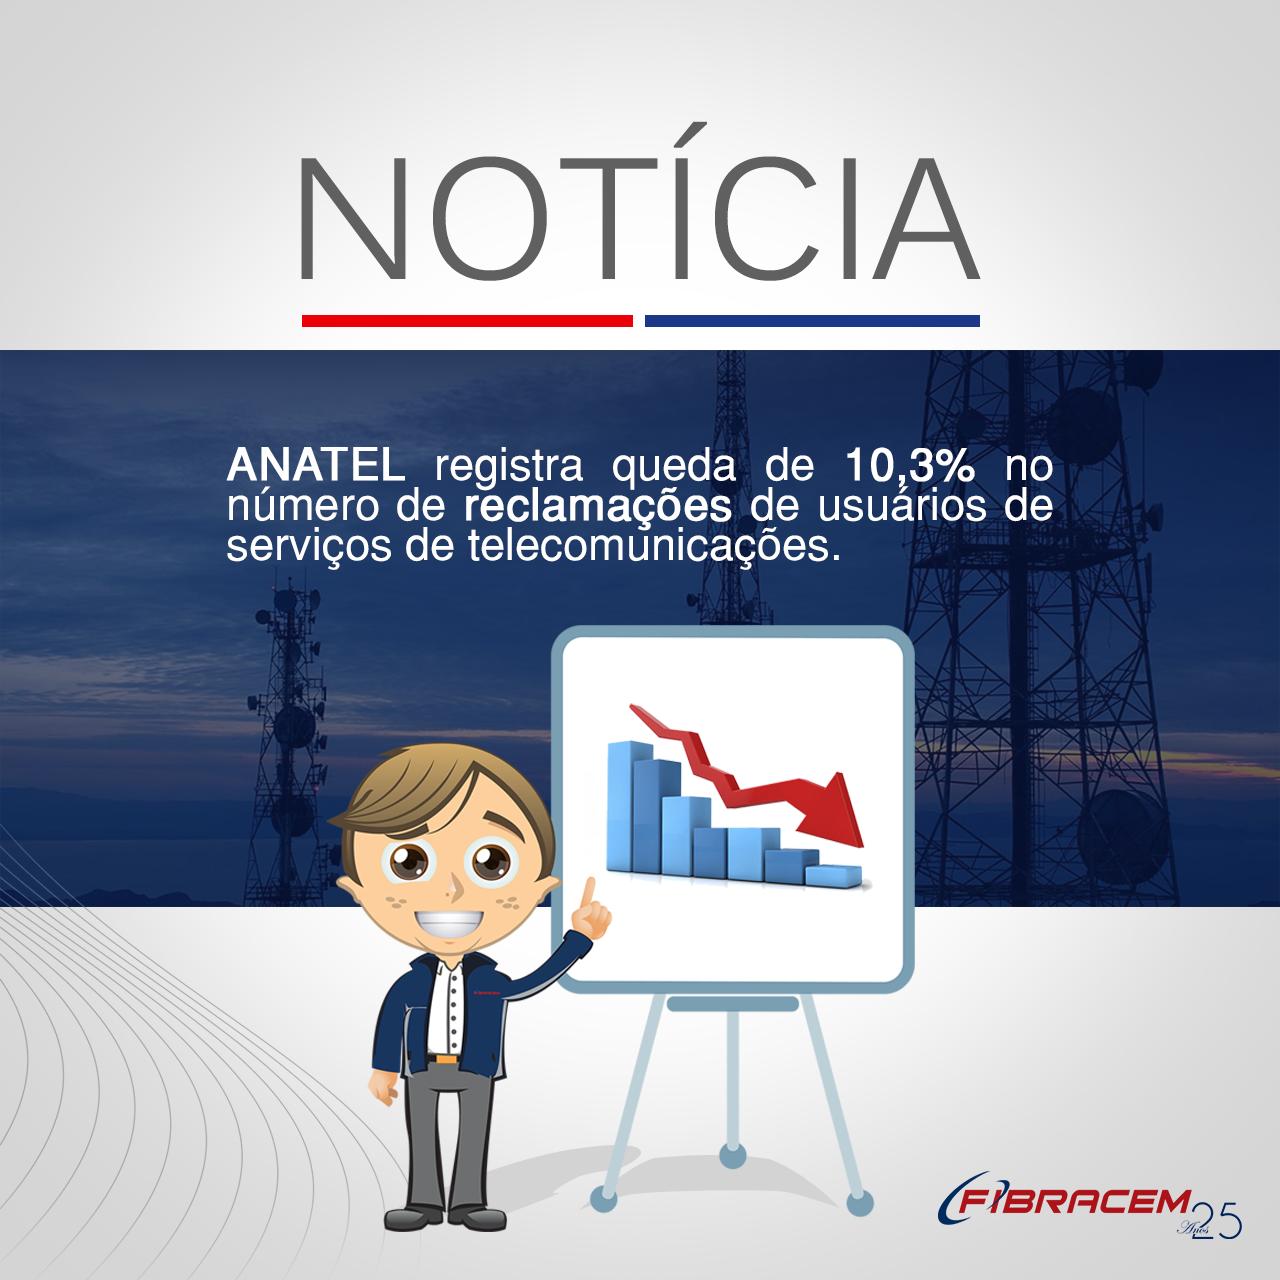 ANATEL registra queda de 10,3% no número de reclamações de usuários de serviços de telecomunicações.